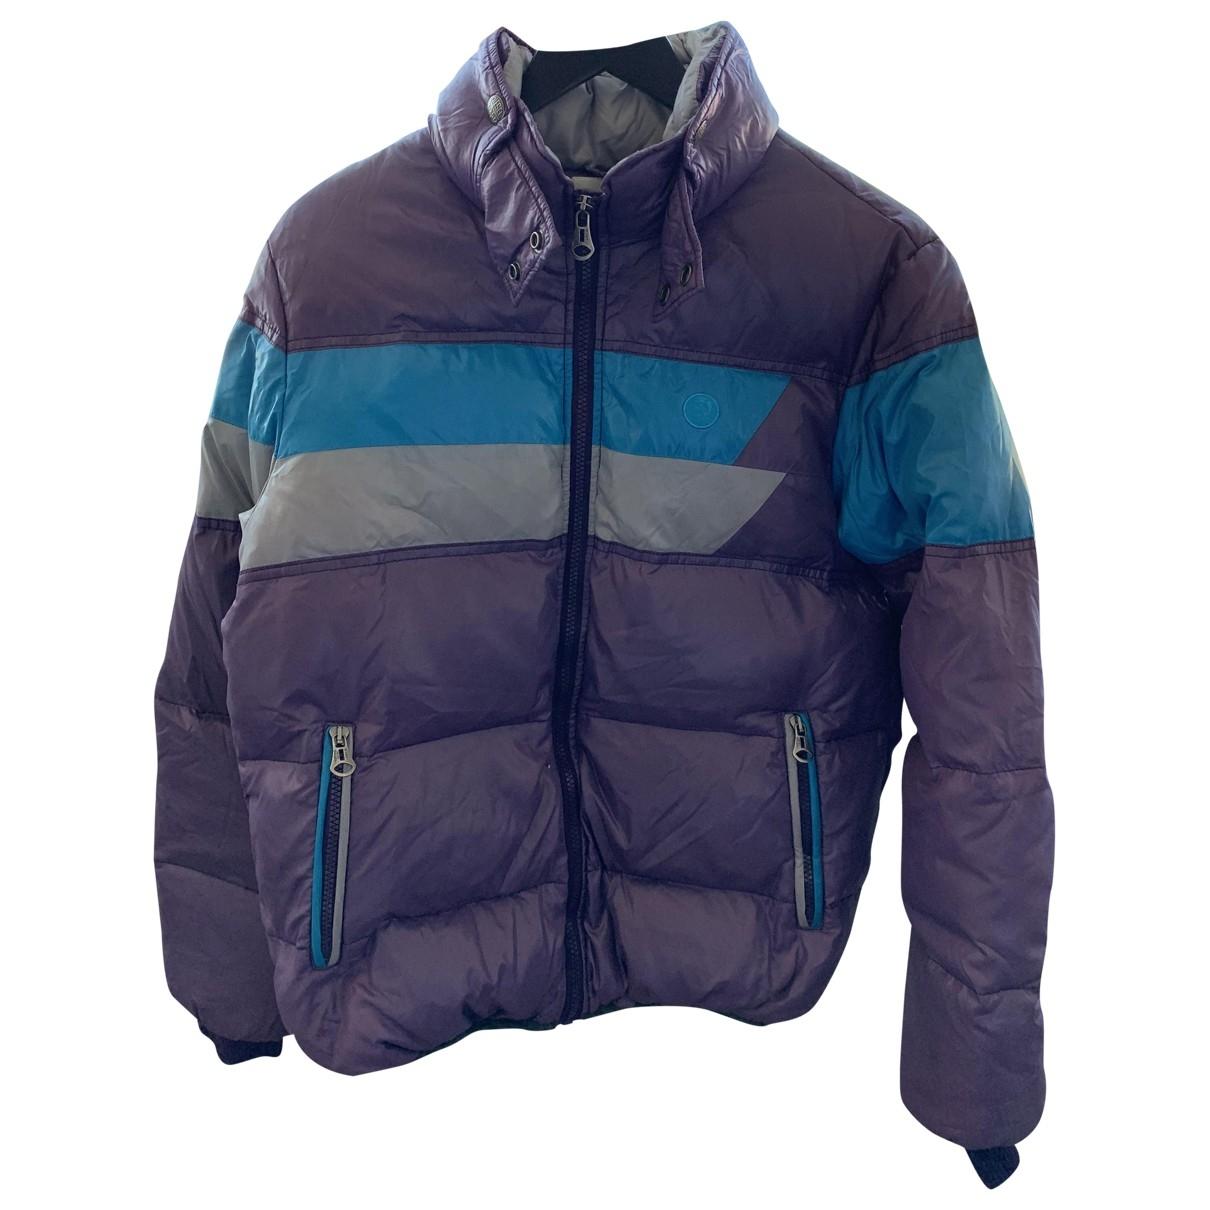 Diesel - Manteau   pour femme - violet